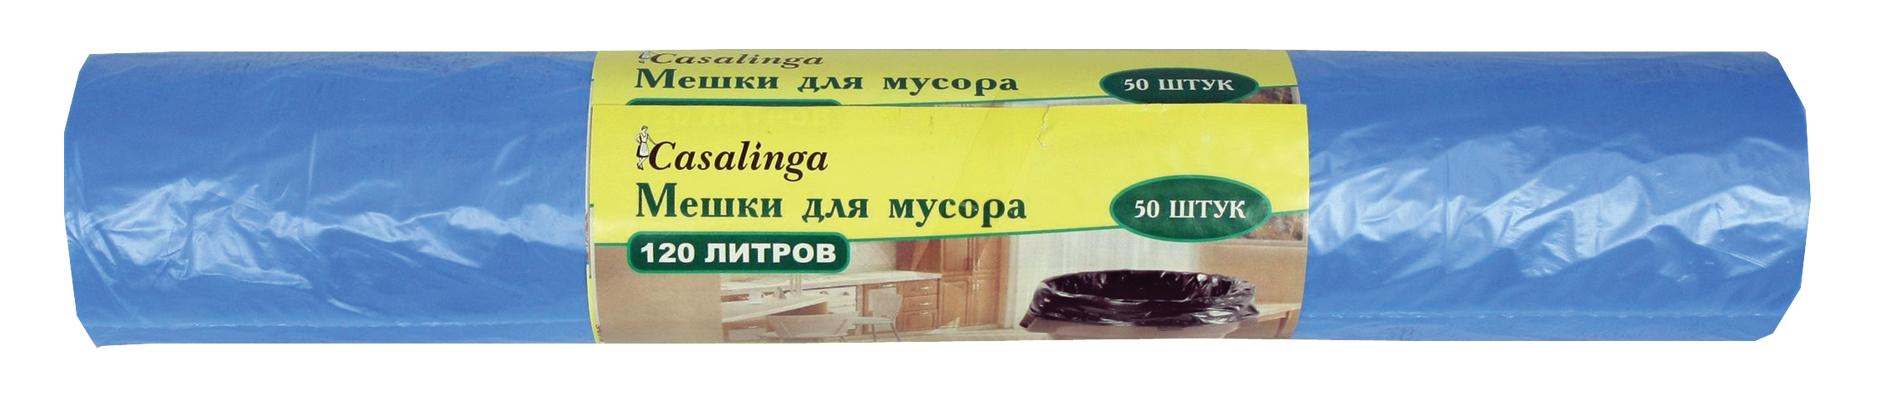 Casalinga Мешки для мусора с завязками, особо прочные, 120 литров Х-153